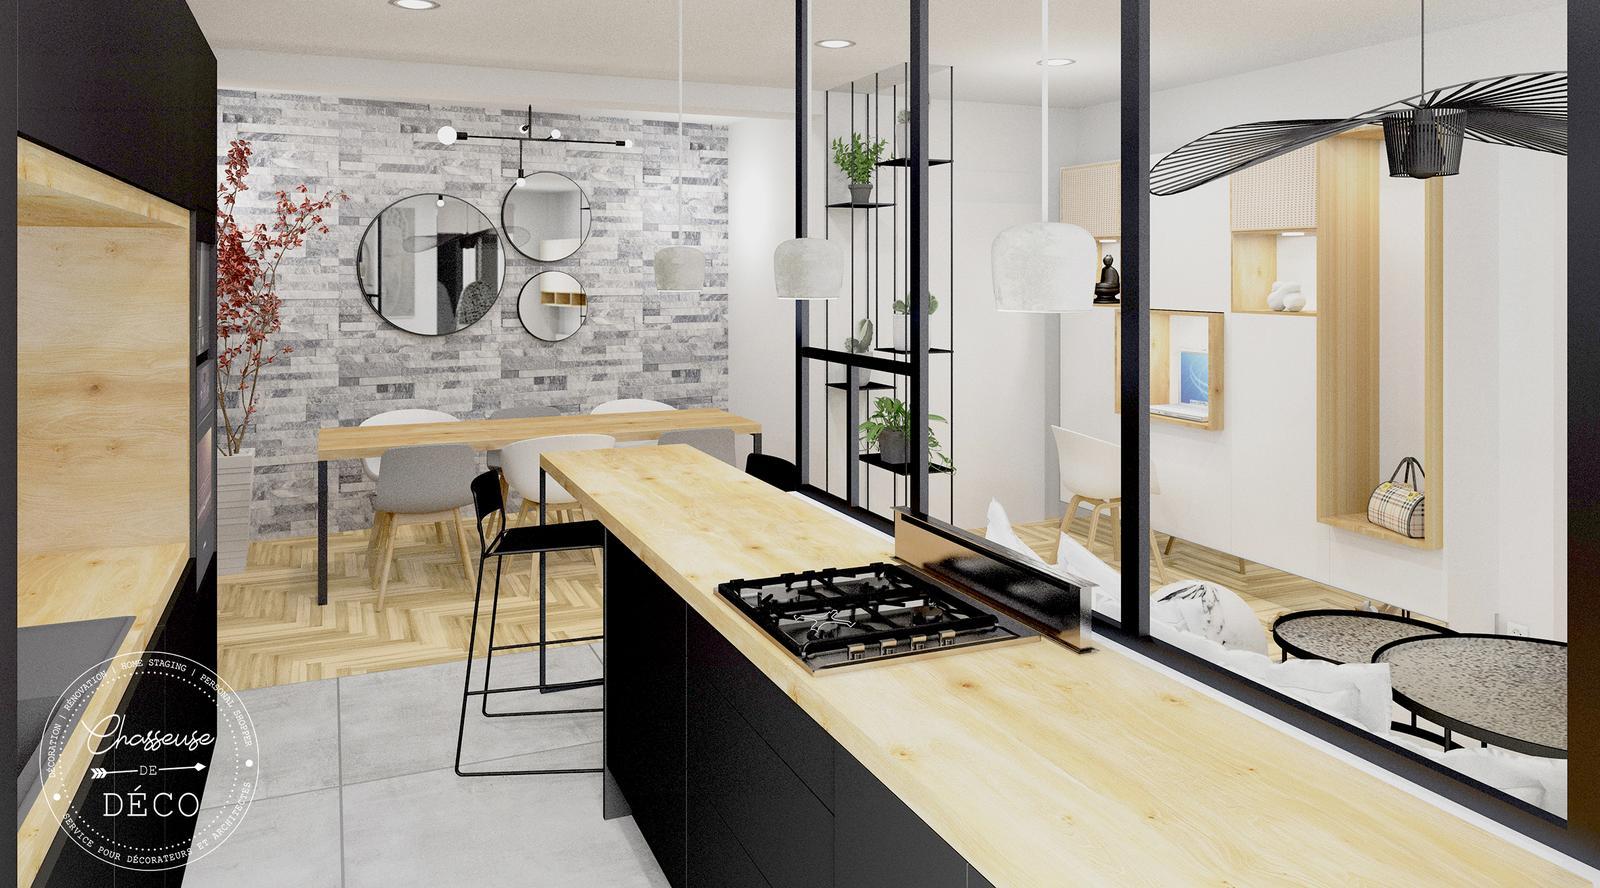 Une grande cuisine ouverte sur le salon  CHASSEUSE DE DECO